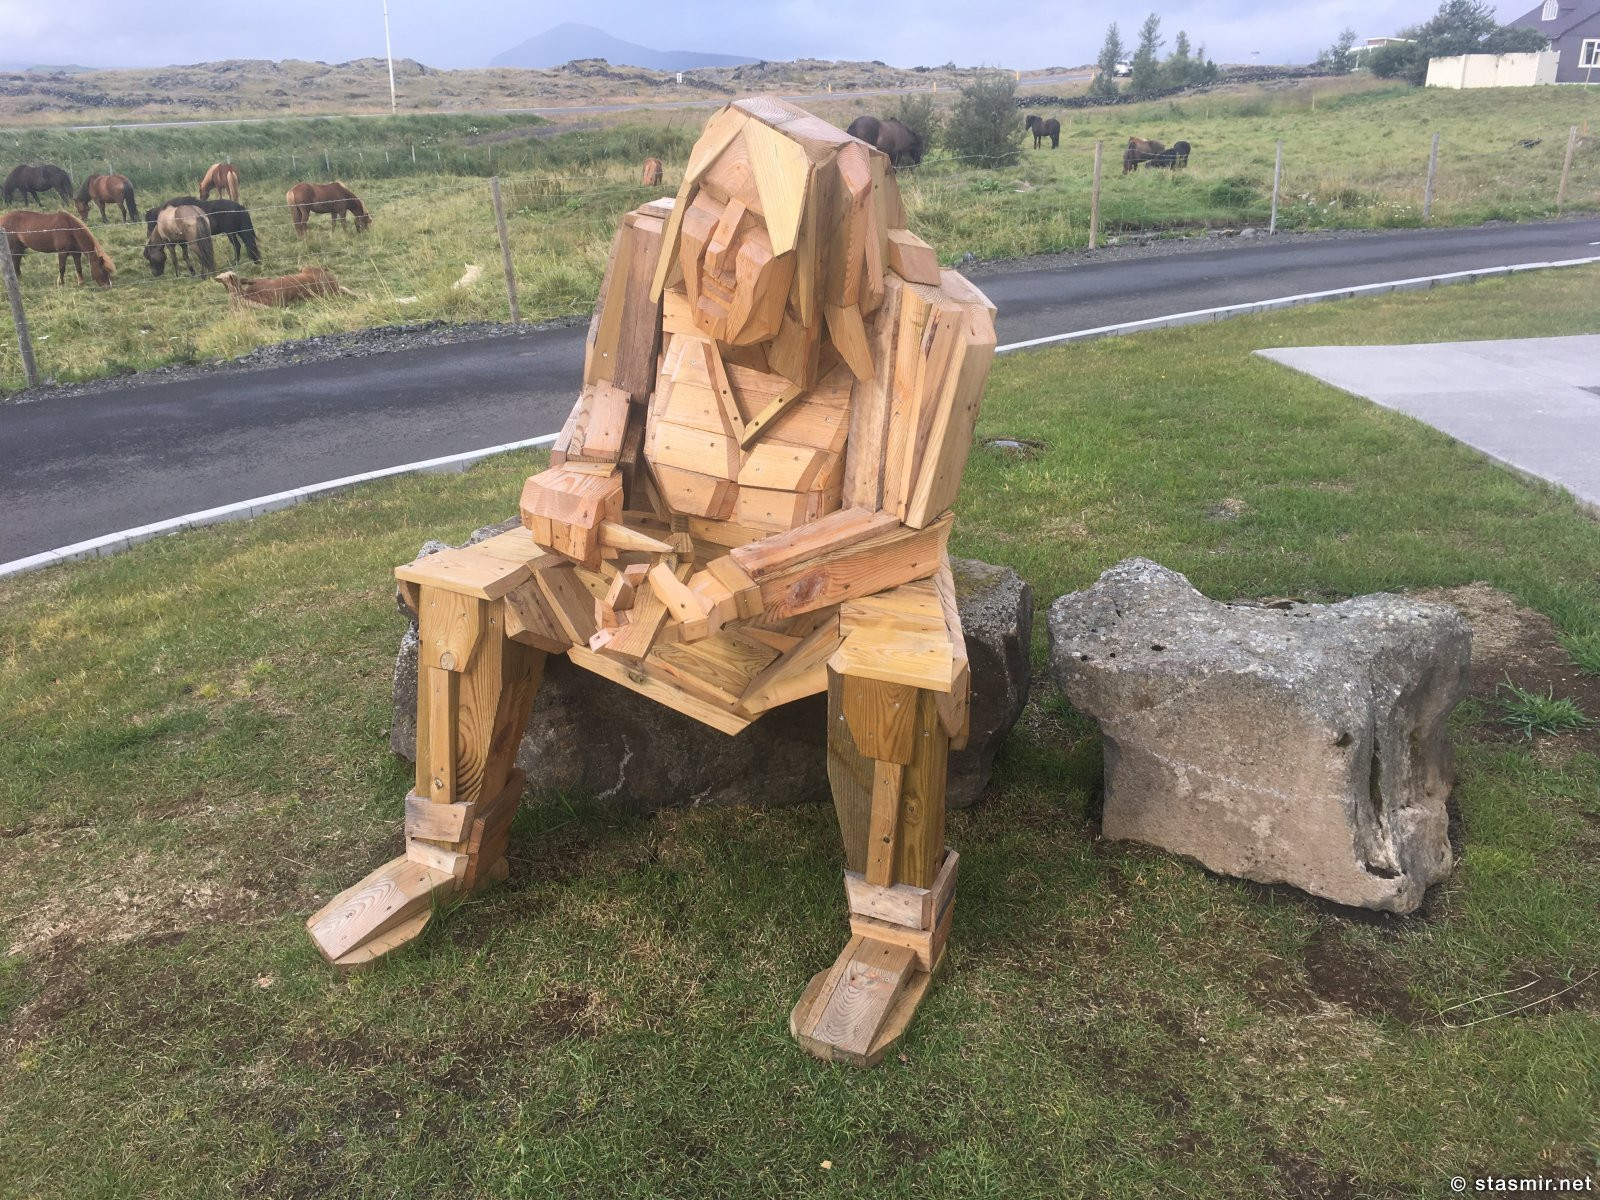 безнадежно расстроенная фрау, Фото Стасмир, photo Stasmir, альтернативаня скульптура в Исландии на озере Миватн, фото Стасмир, photo Stasmir